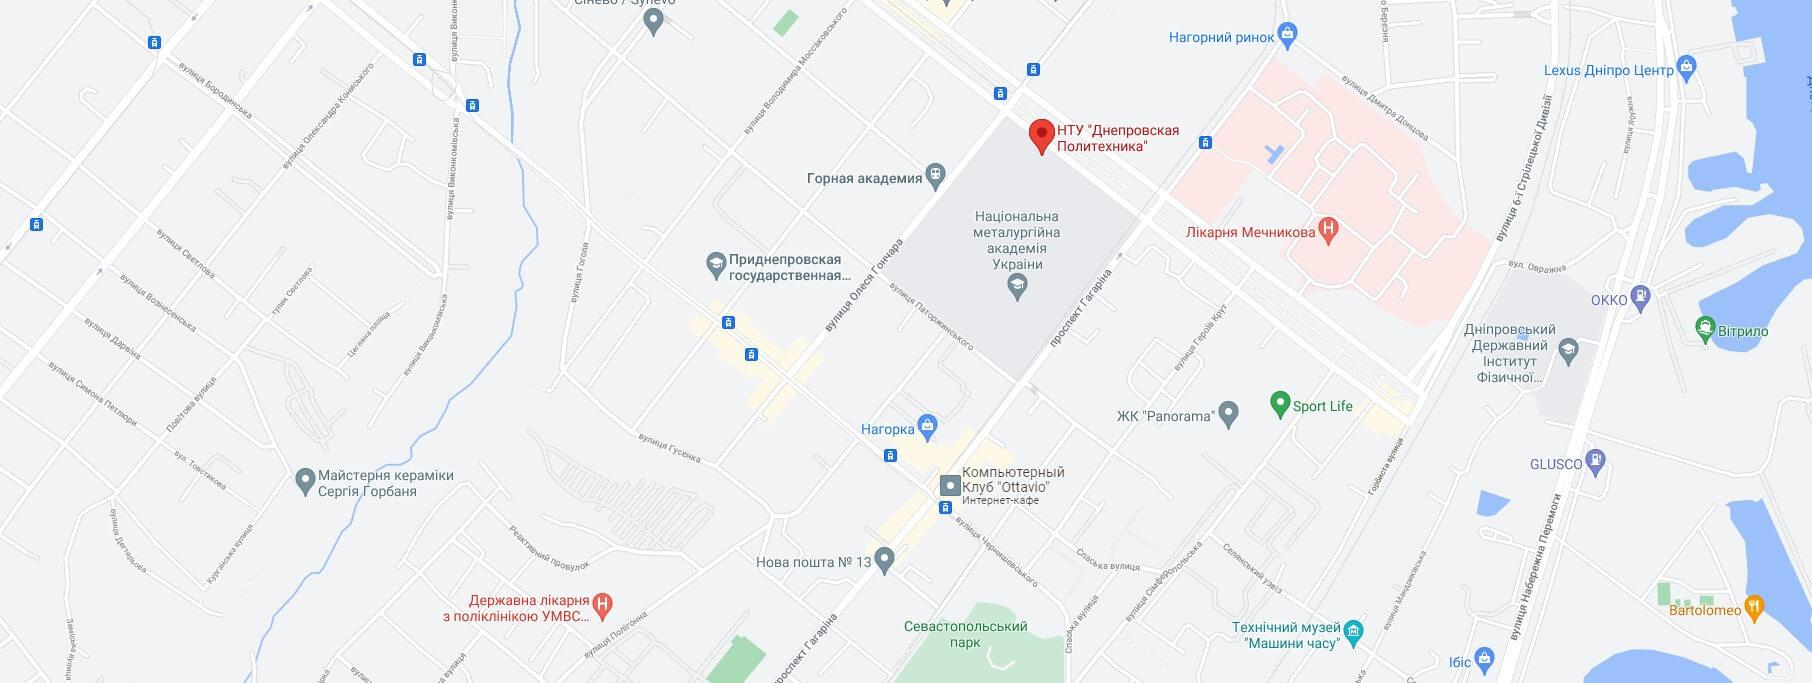 адреса на карті